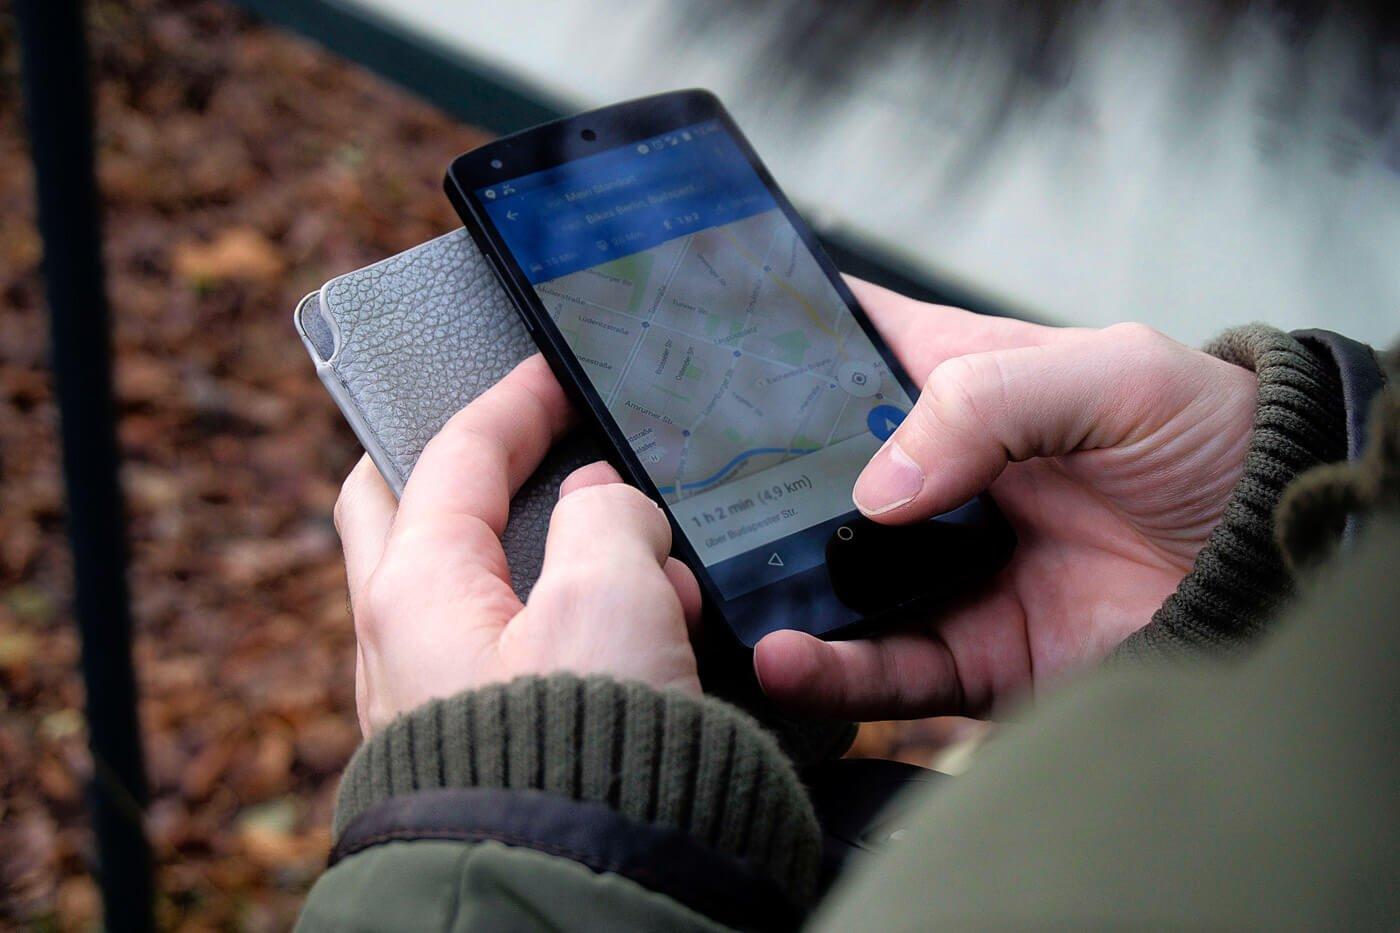 Melhor app para trilhas e viagens buscando caminho